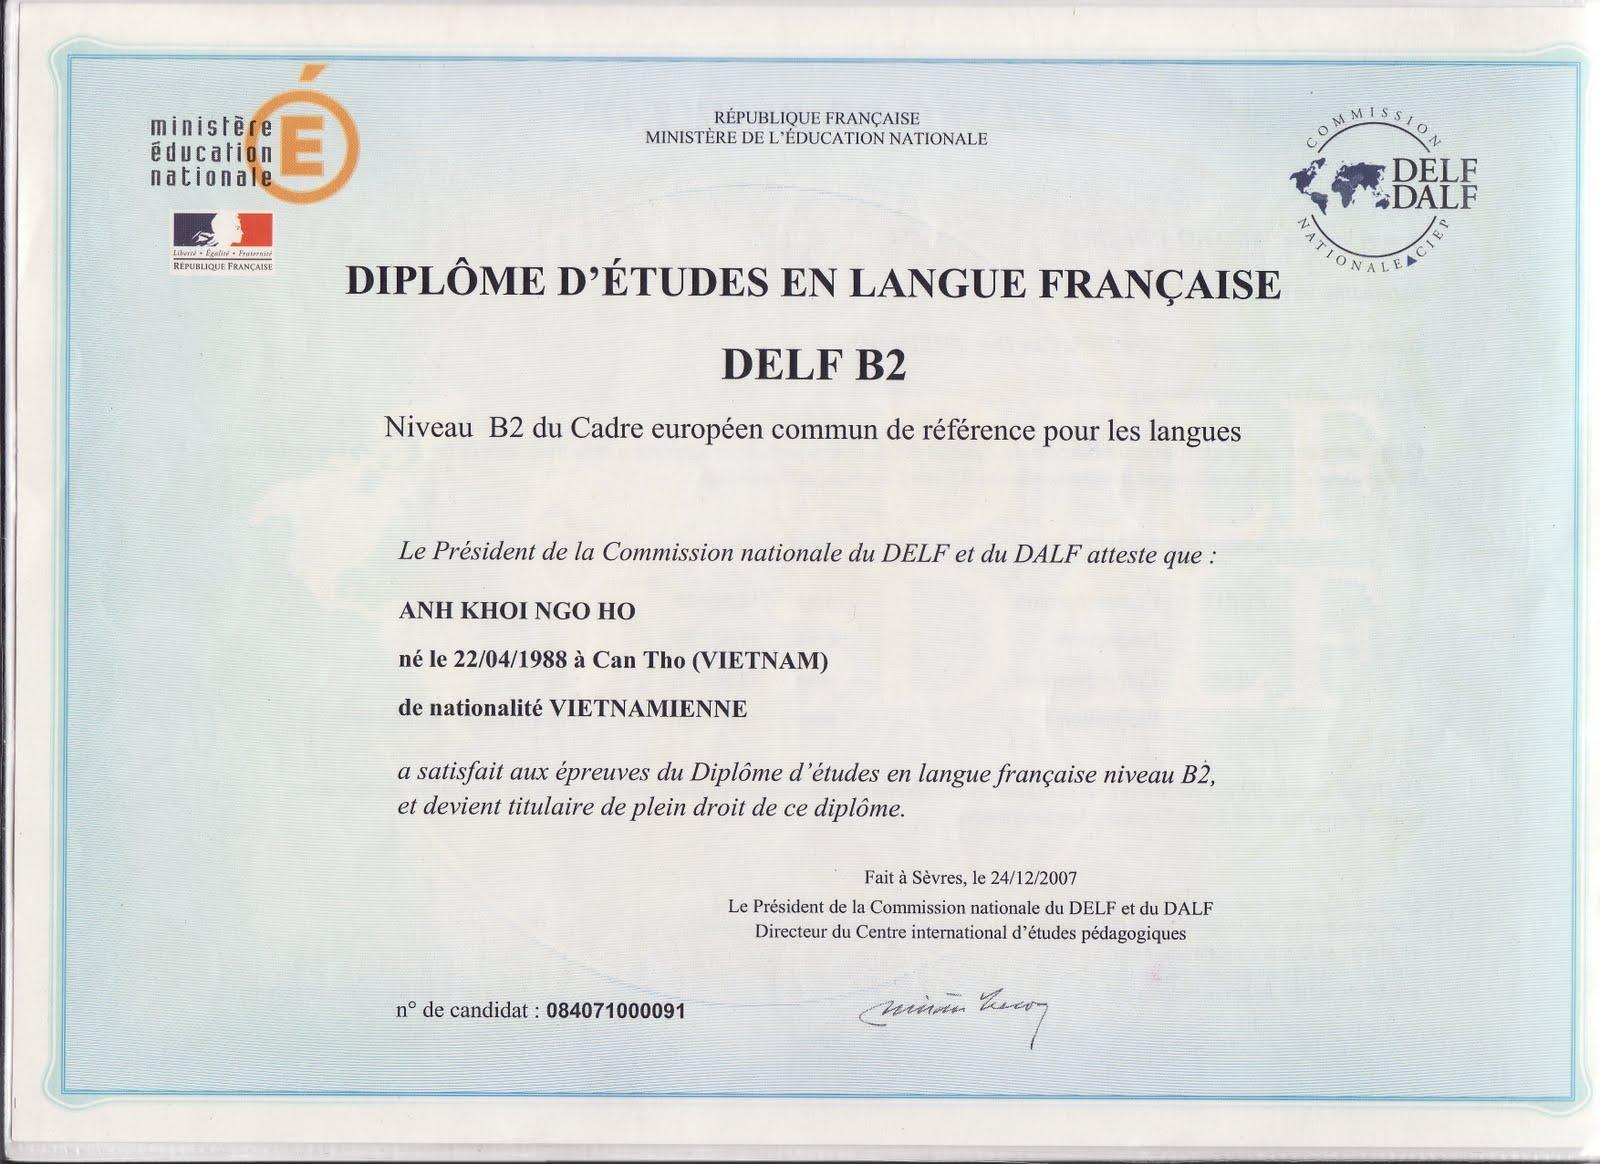 diplome d u0026 39  etudes en langue francaise delf b2